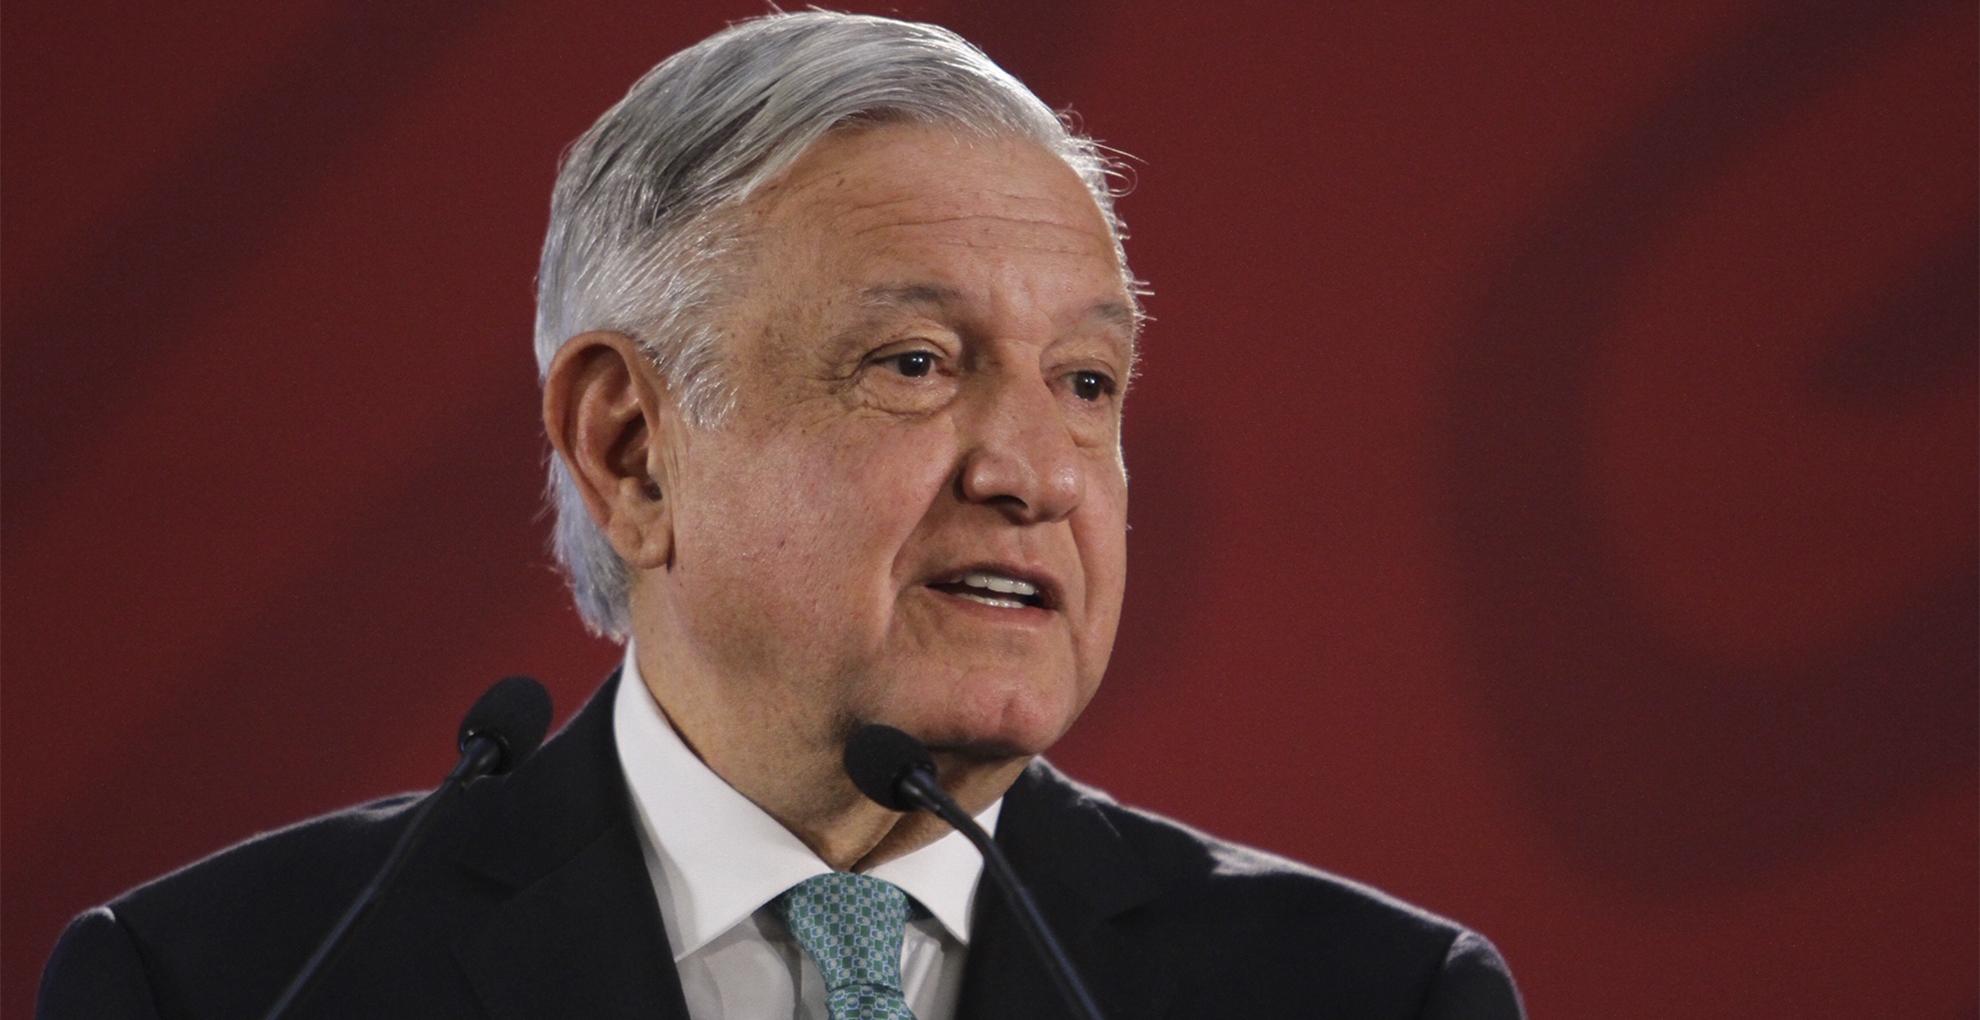 Juez da dos suspensiones definitivas contra construcción de Santa Lucía